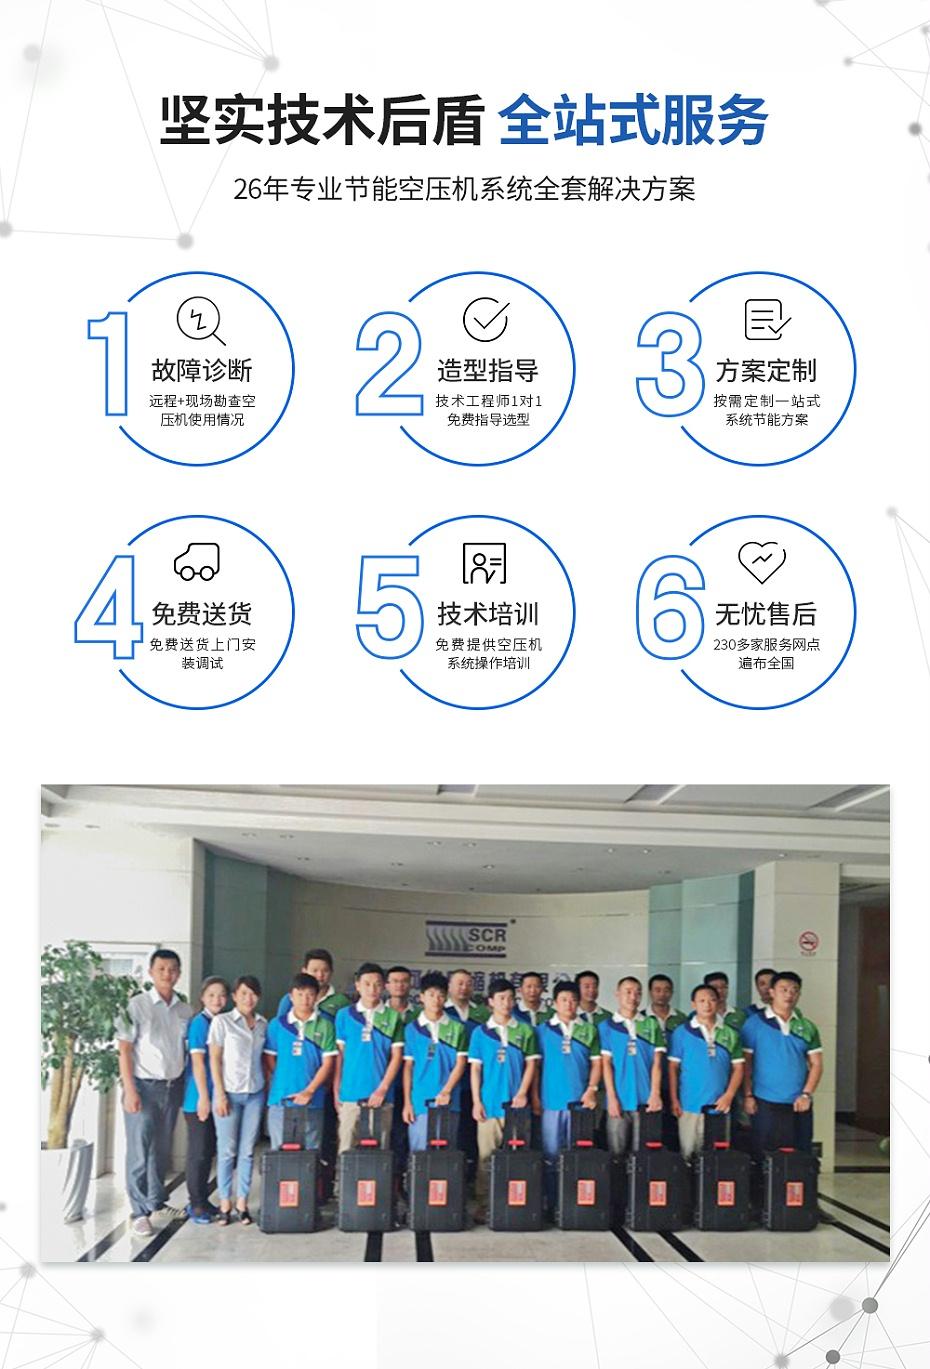 斯可络网站永磁变频服务团队